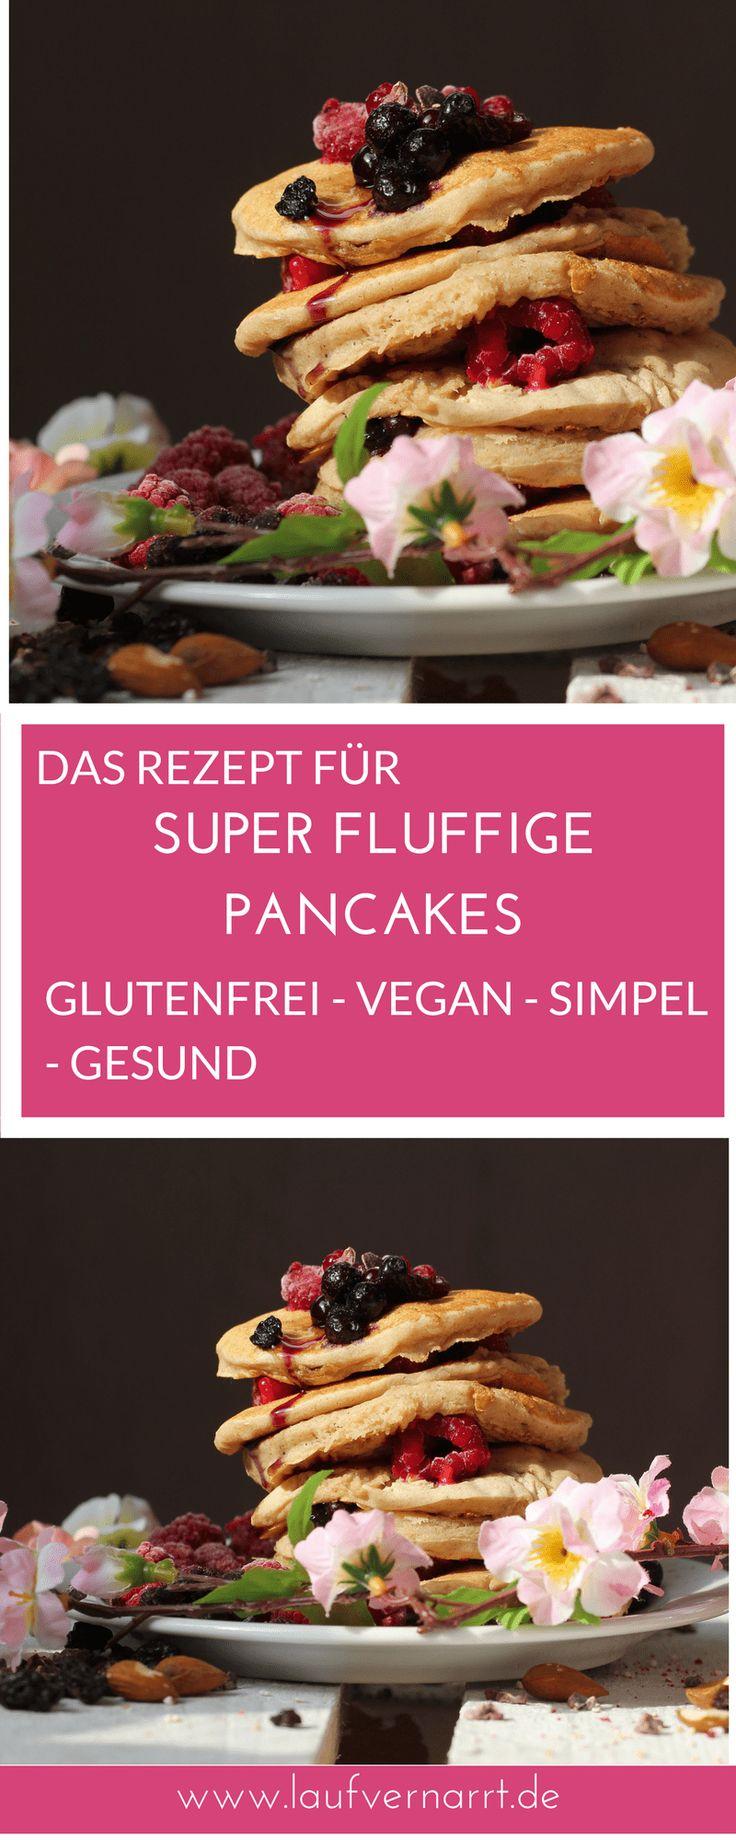 Das beste Rezept für glutenfreie Pancakes, die darüber hinaus super fluffig, gesund und vegan sind.